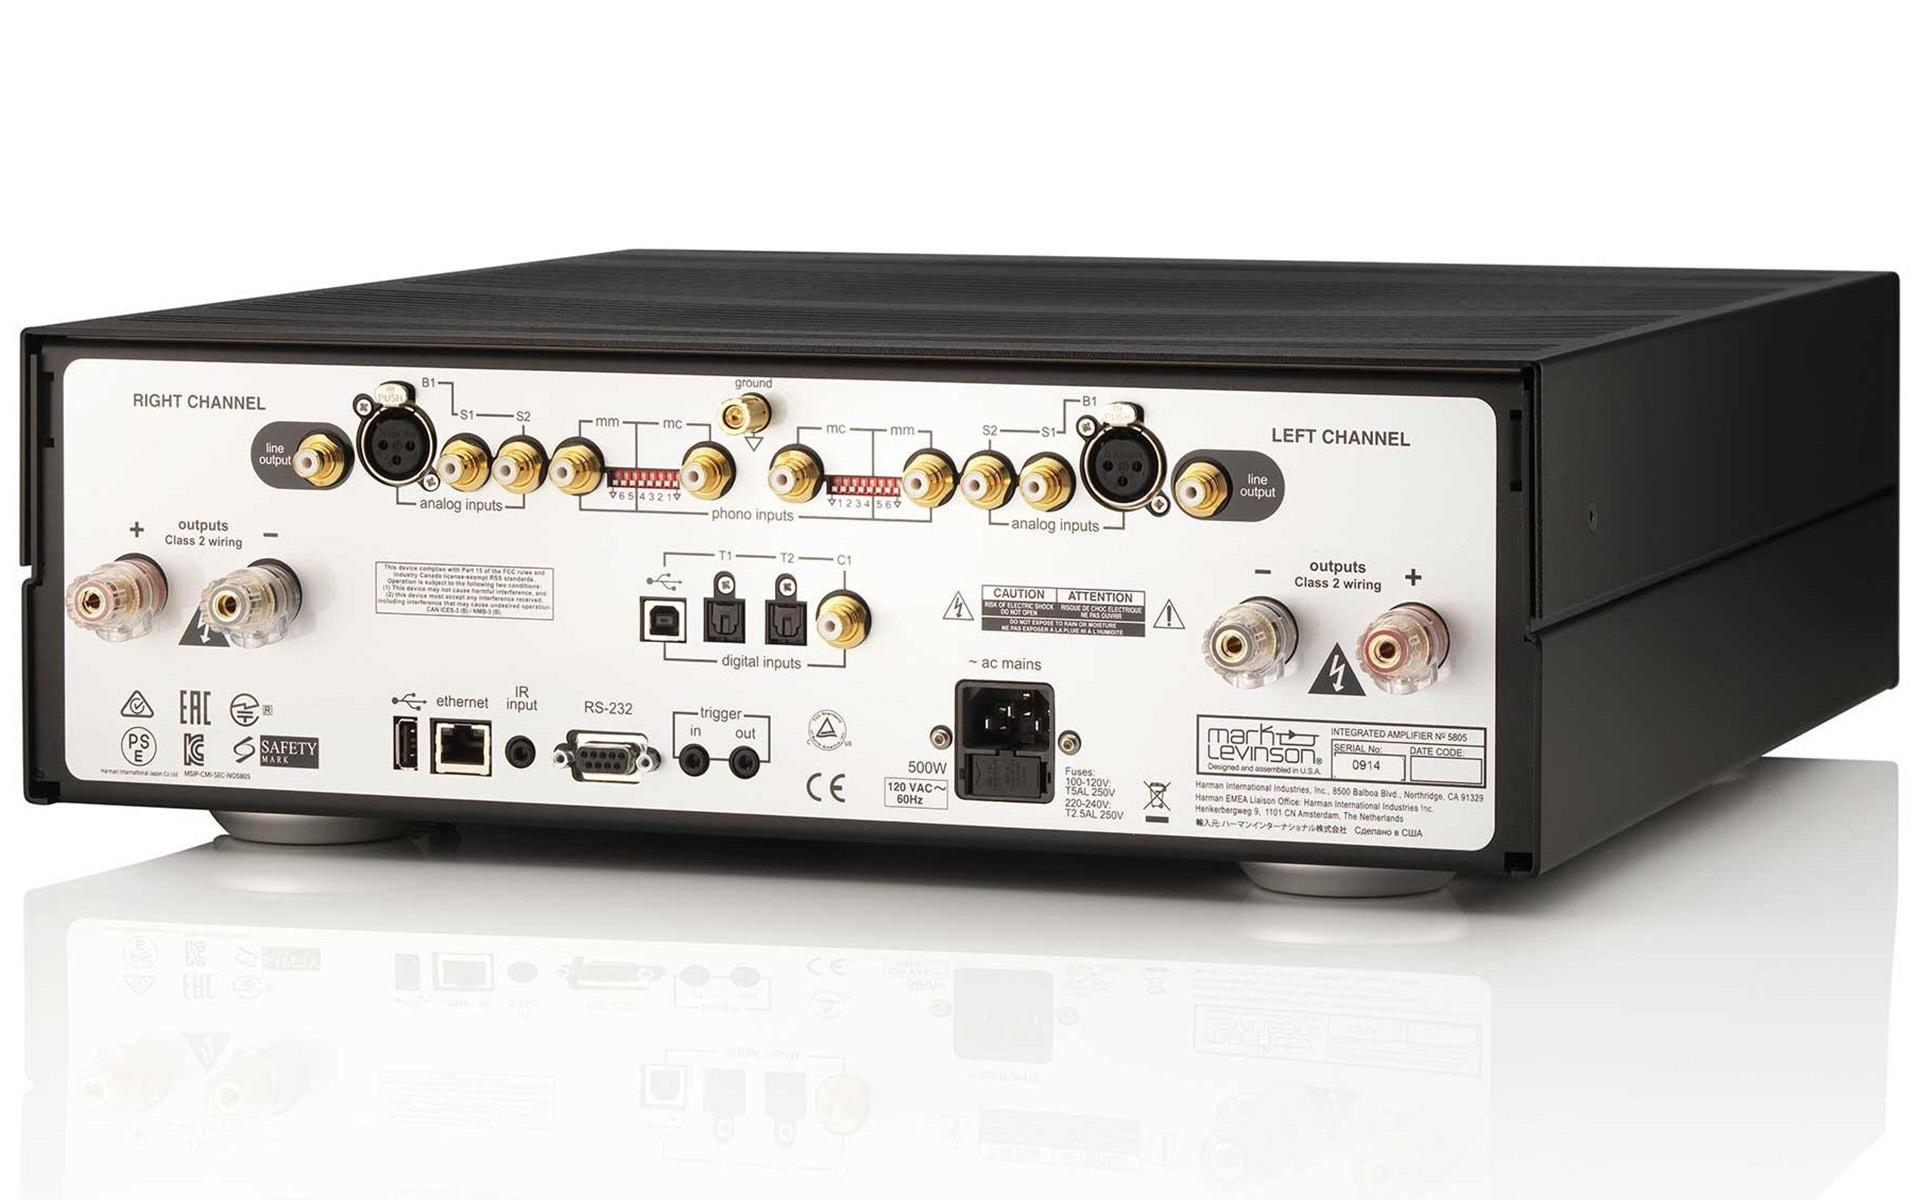 Как только я всё настроил, звук стал просто великолепным: интегральный усилитель Mark Levinson №5805 в обзоре Stereophile.com